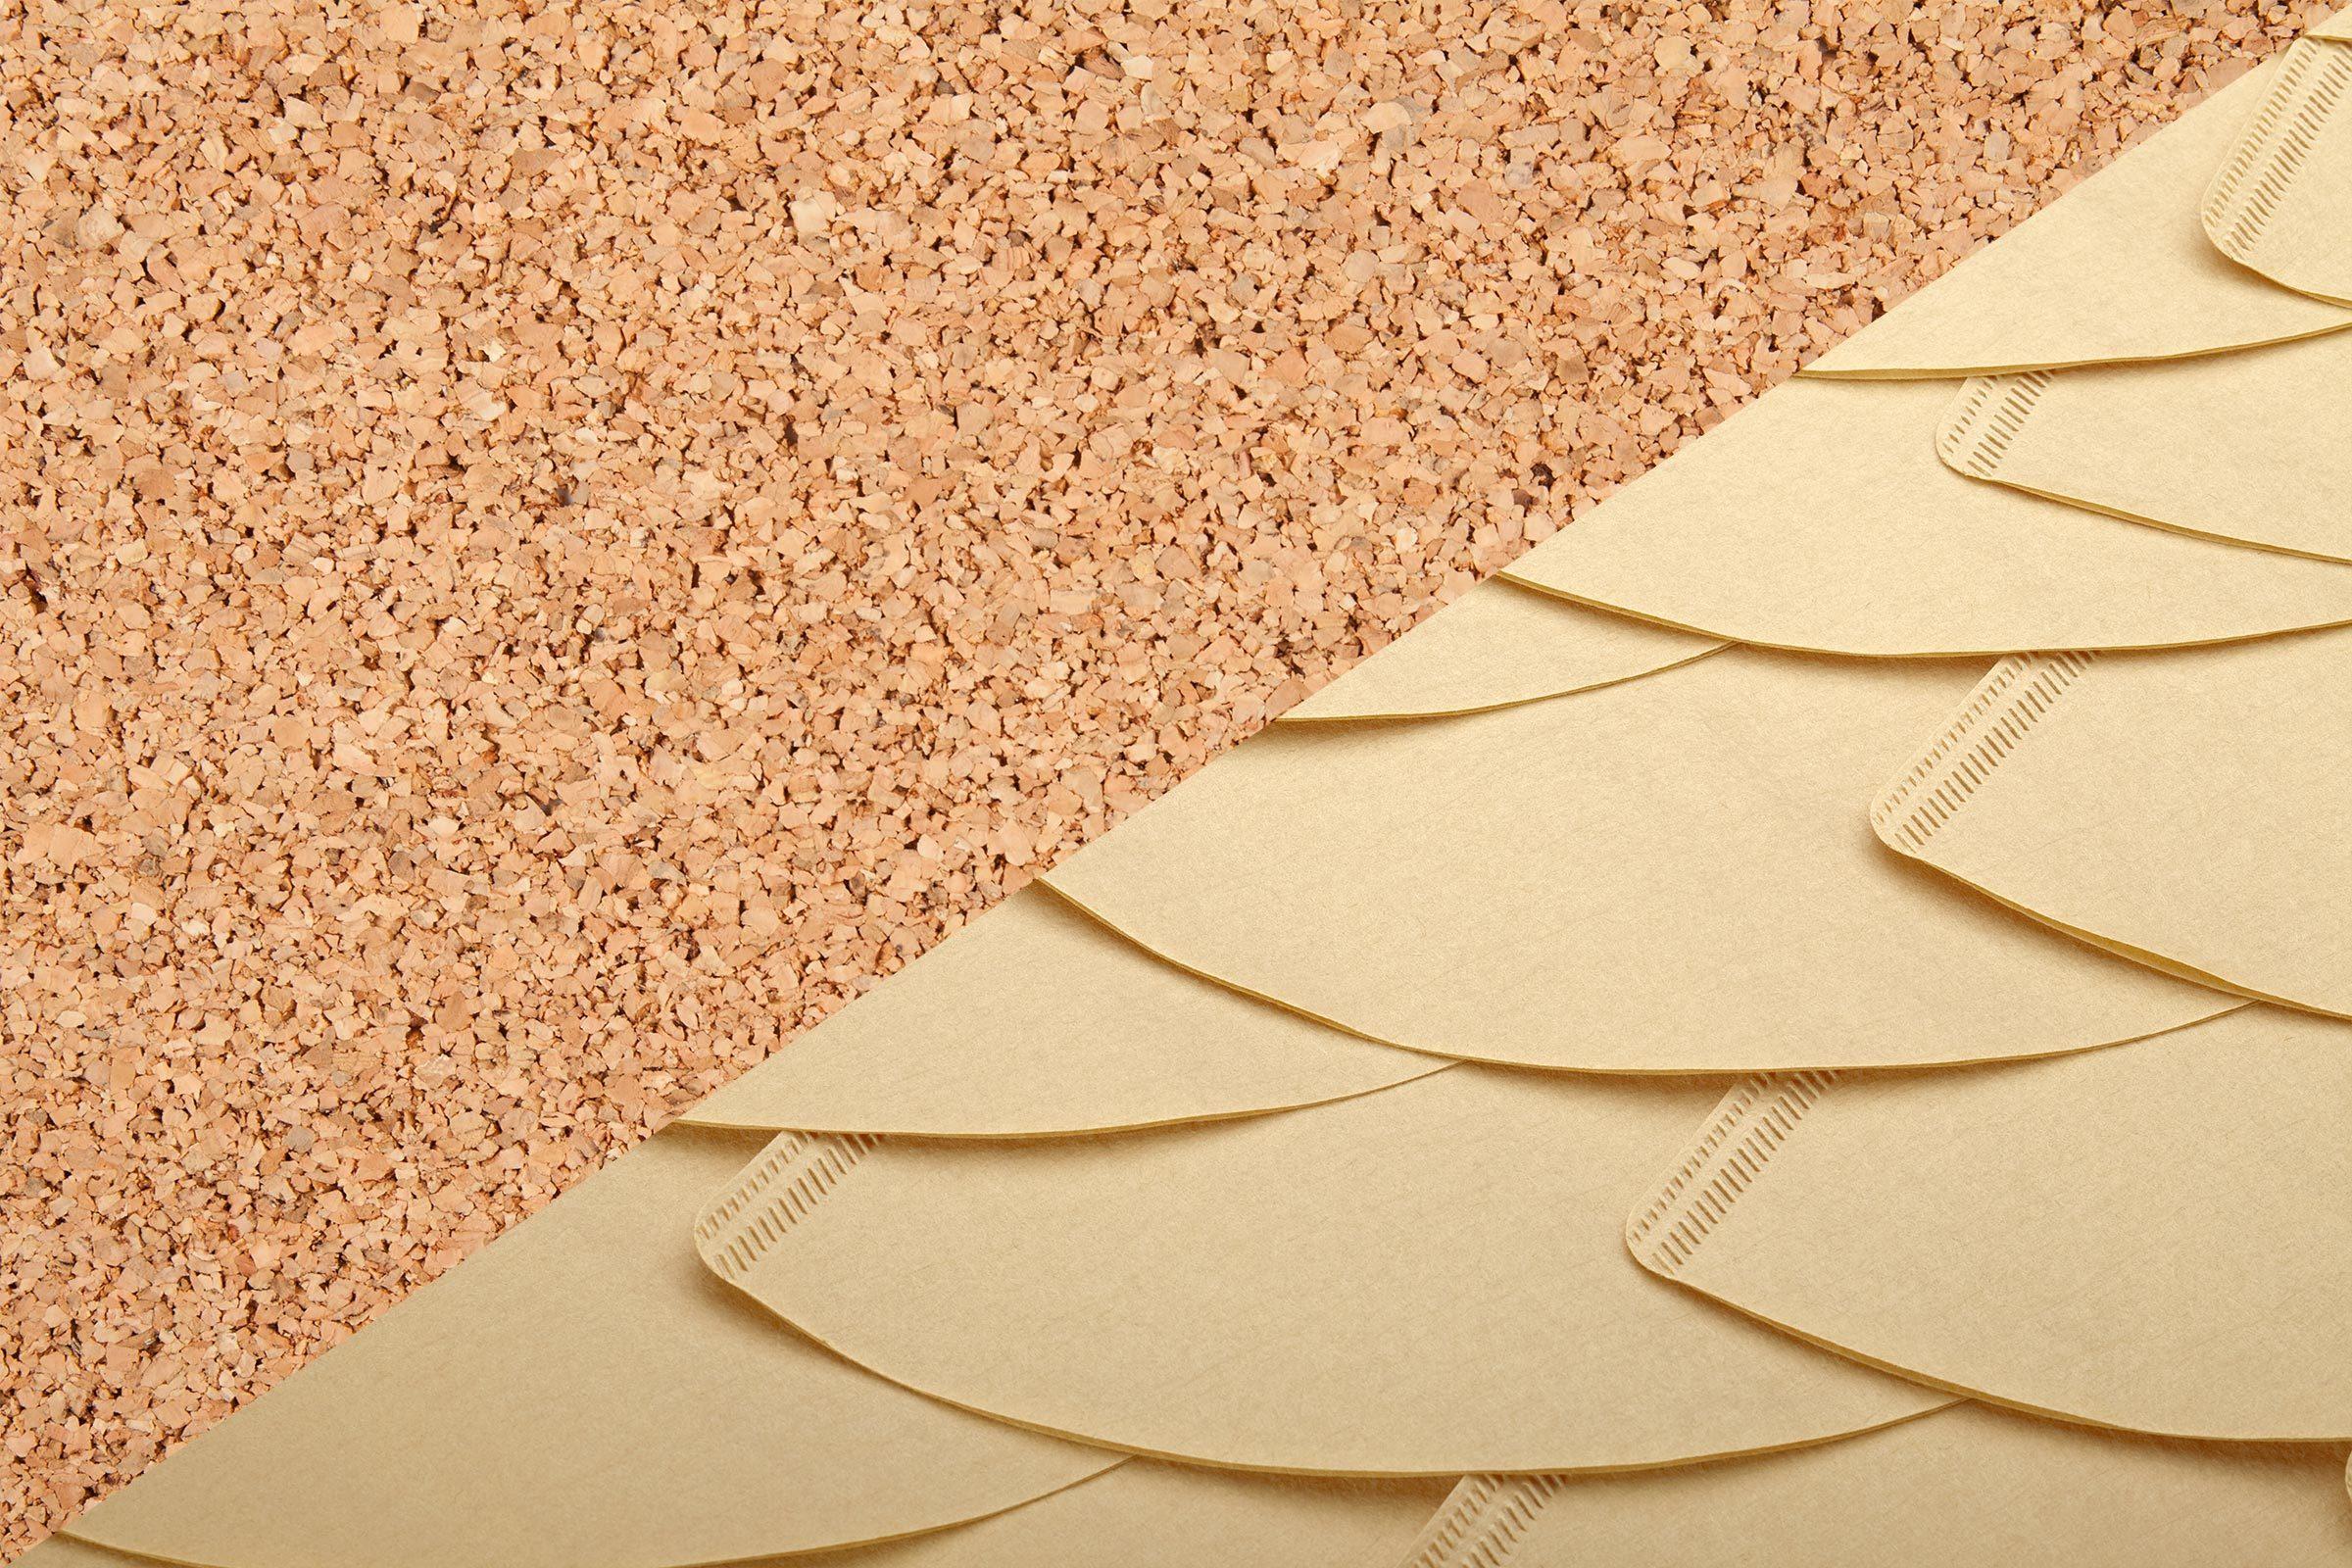 Cork crumbs